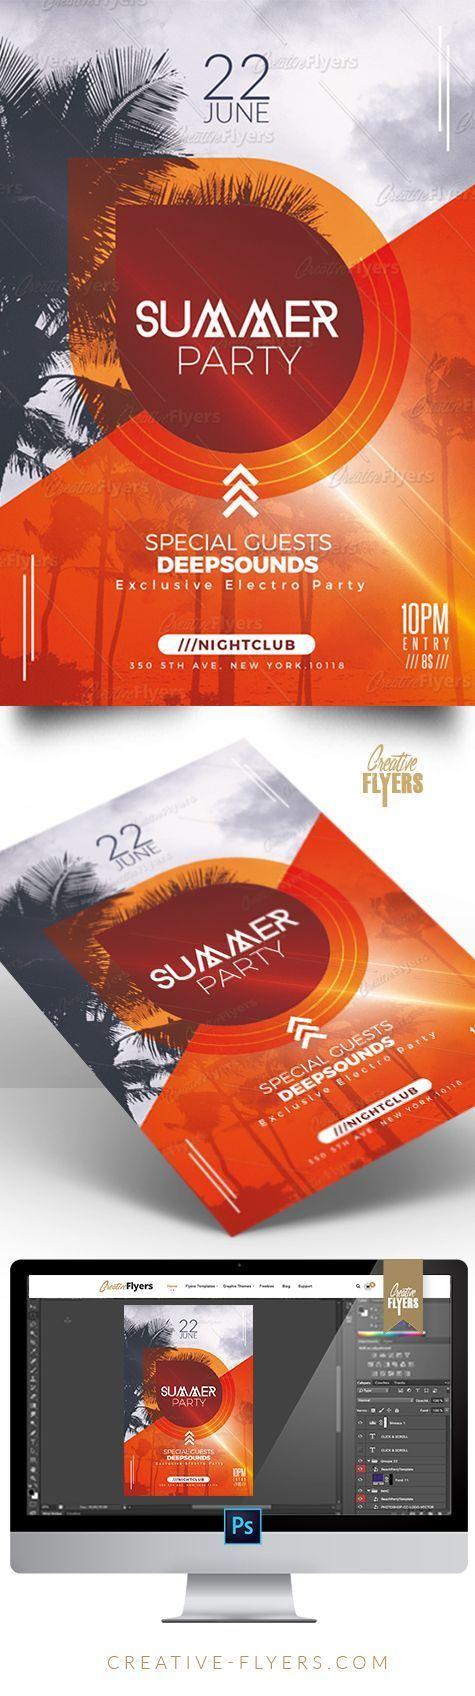 Minimalist Sommerfest Flyer Creative Summer Party In 2020 Kreativer Flyer Flyer Vorlagen Fur Flyer